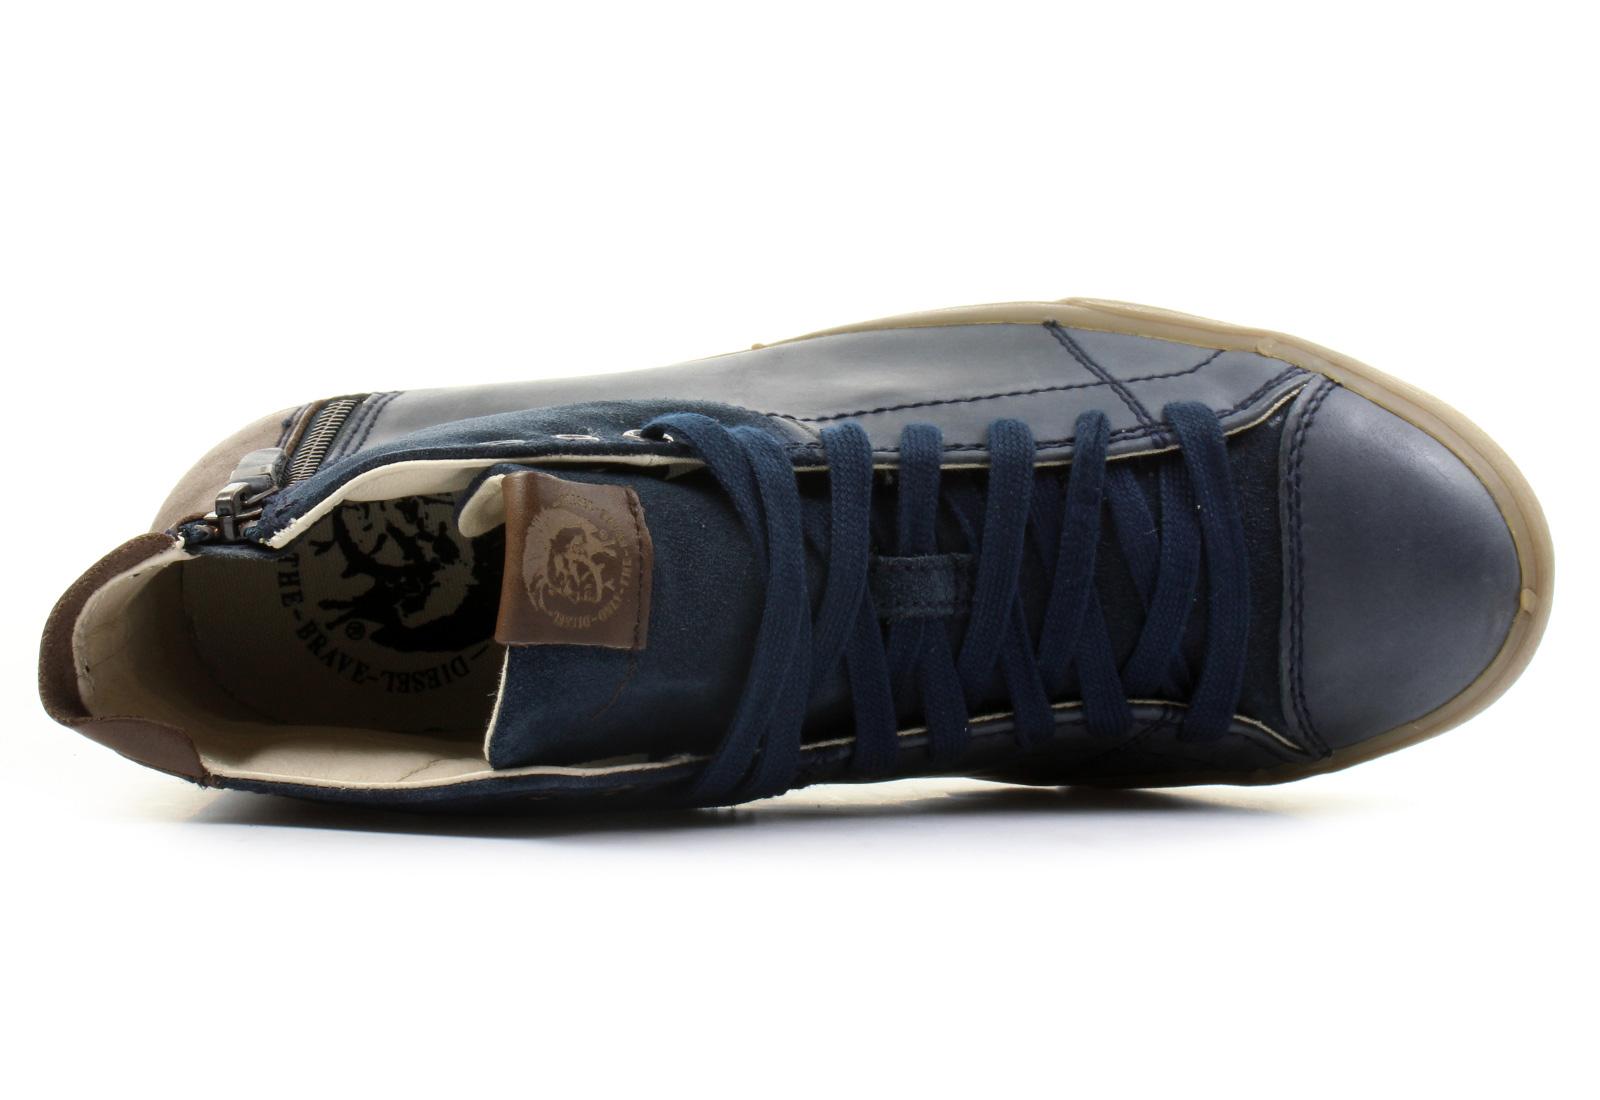 Diesel Shoes - D-zippy - 780-459-5370 - Online shop for ...